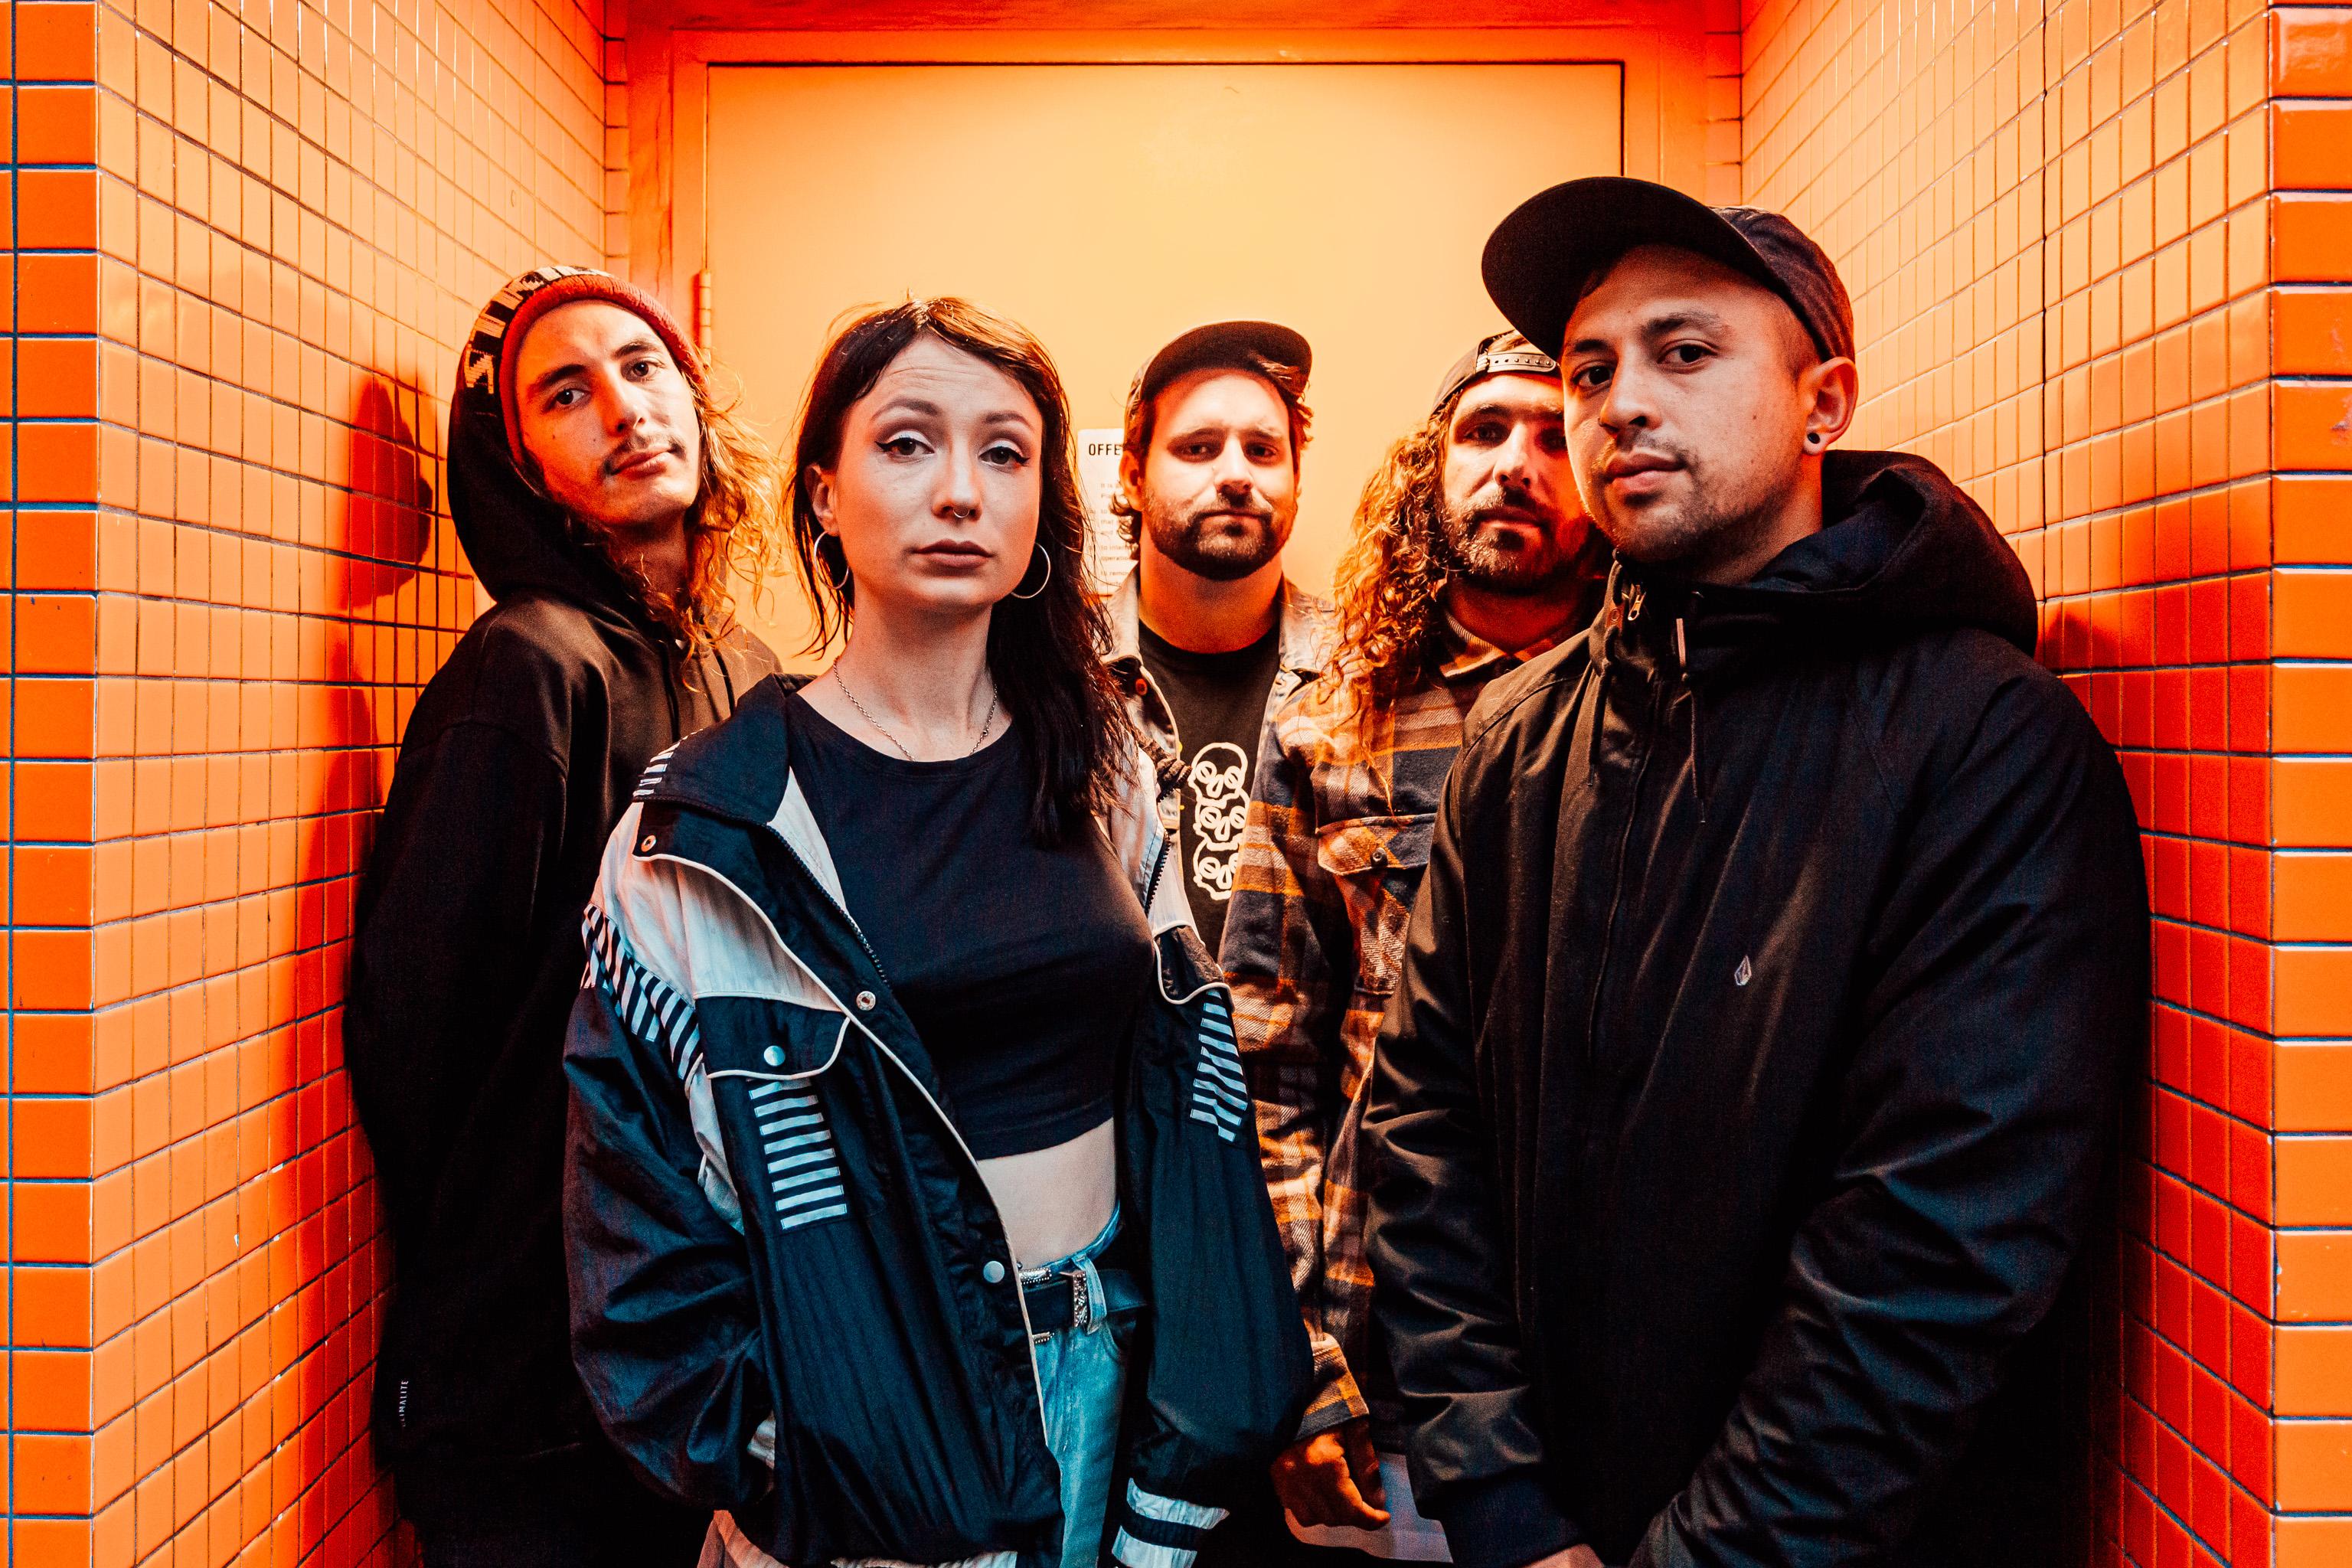 SaviourAnnounce 'A Lunar Rose' Australian Album Tour